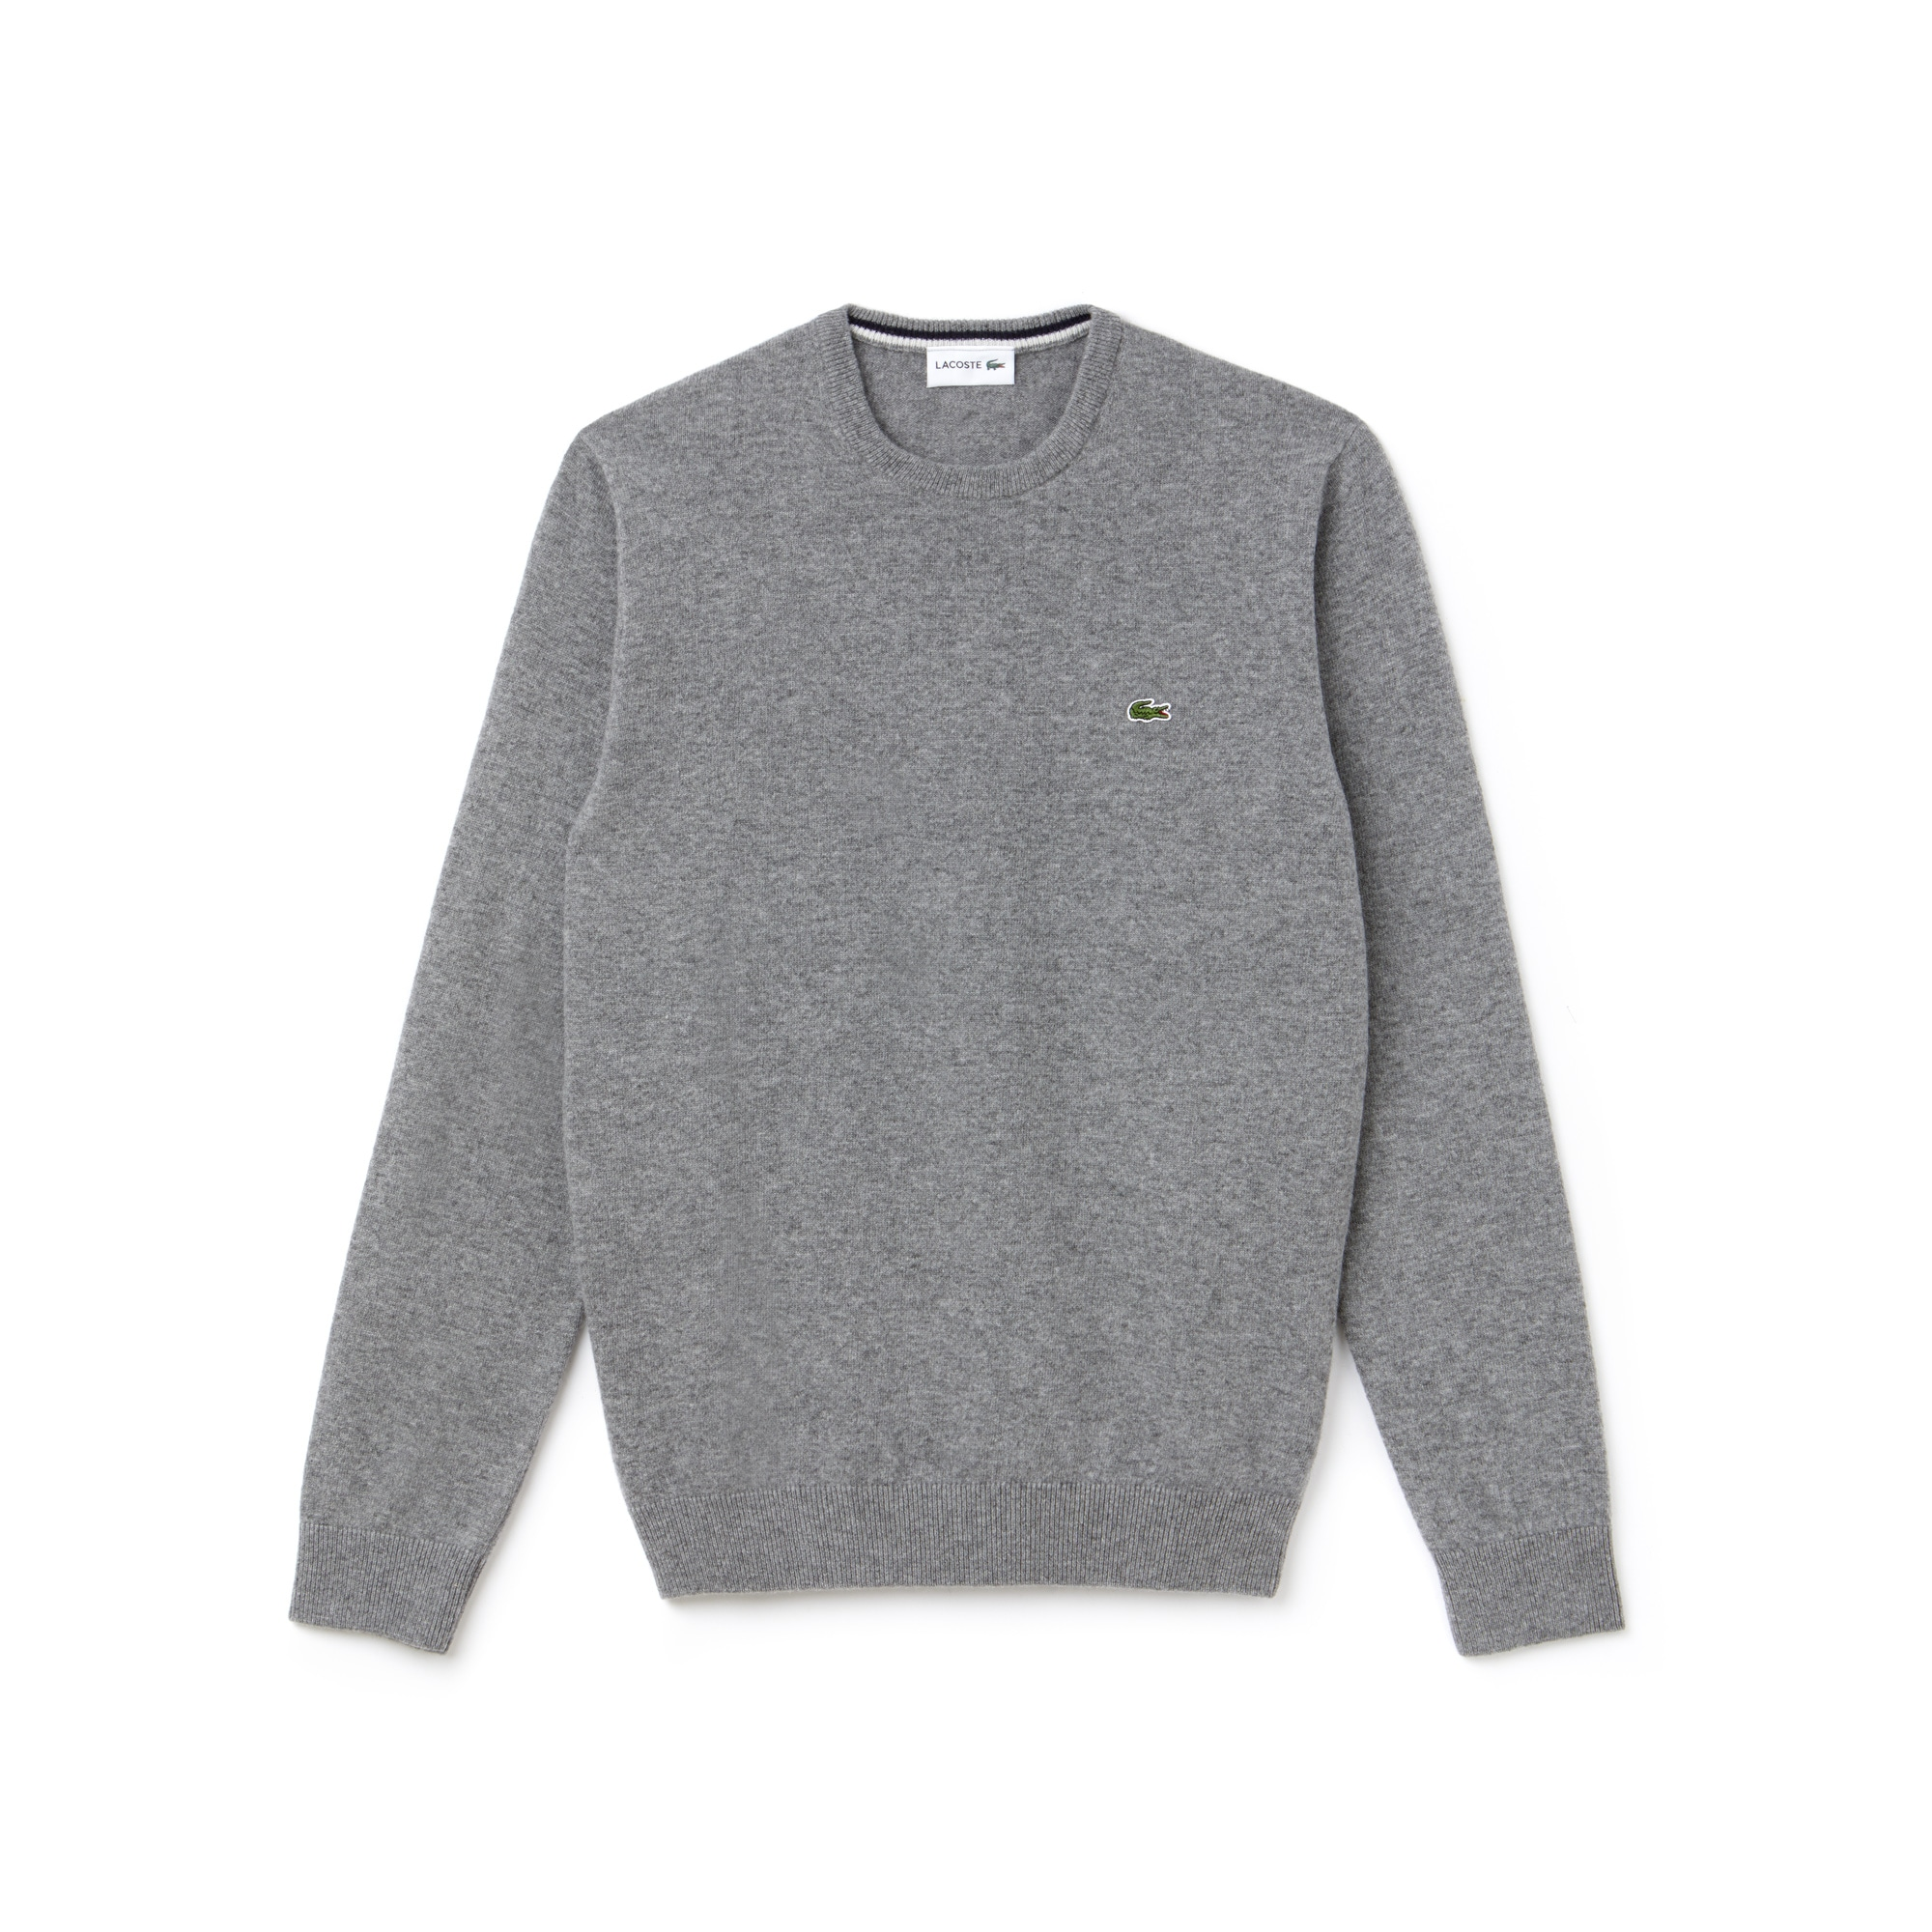 99de7e634d854 Men s Crew Neck Wool Jersey Sweater